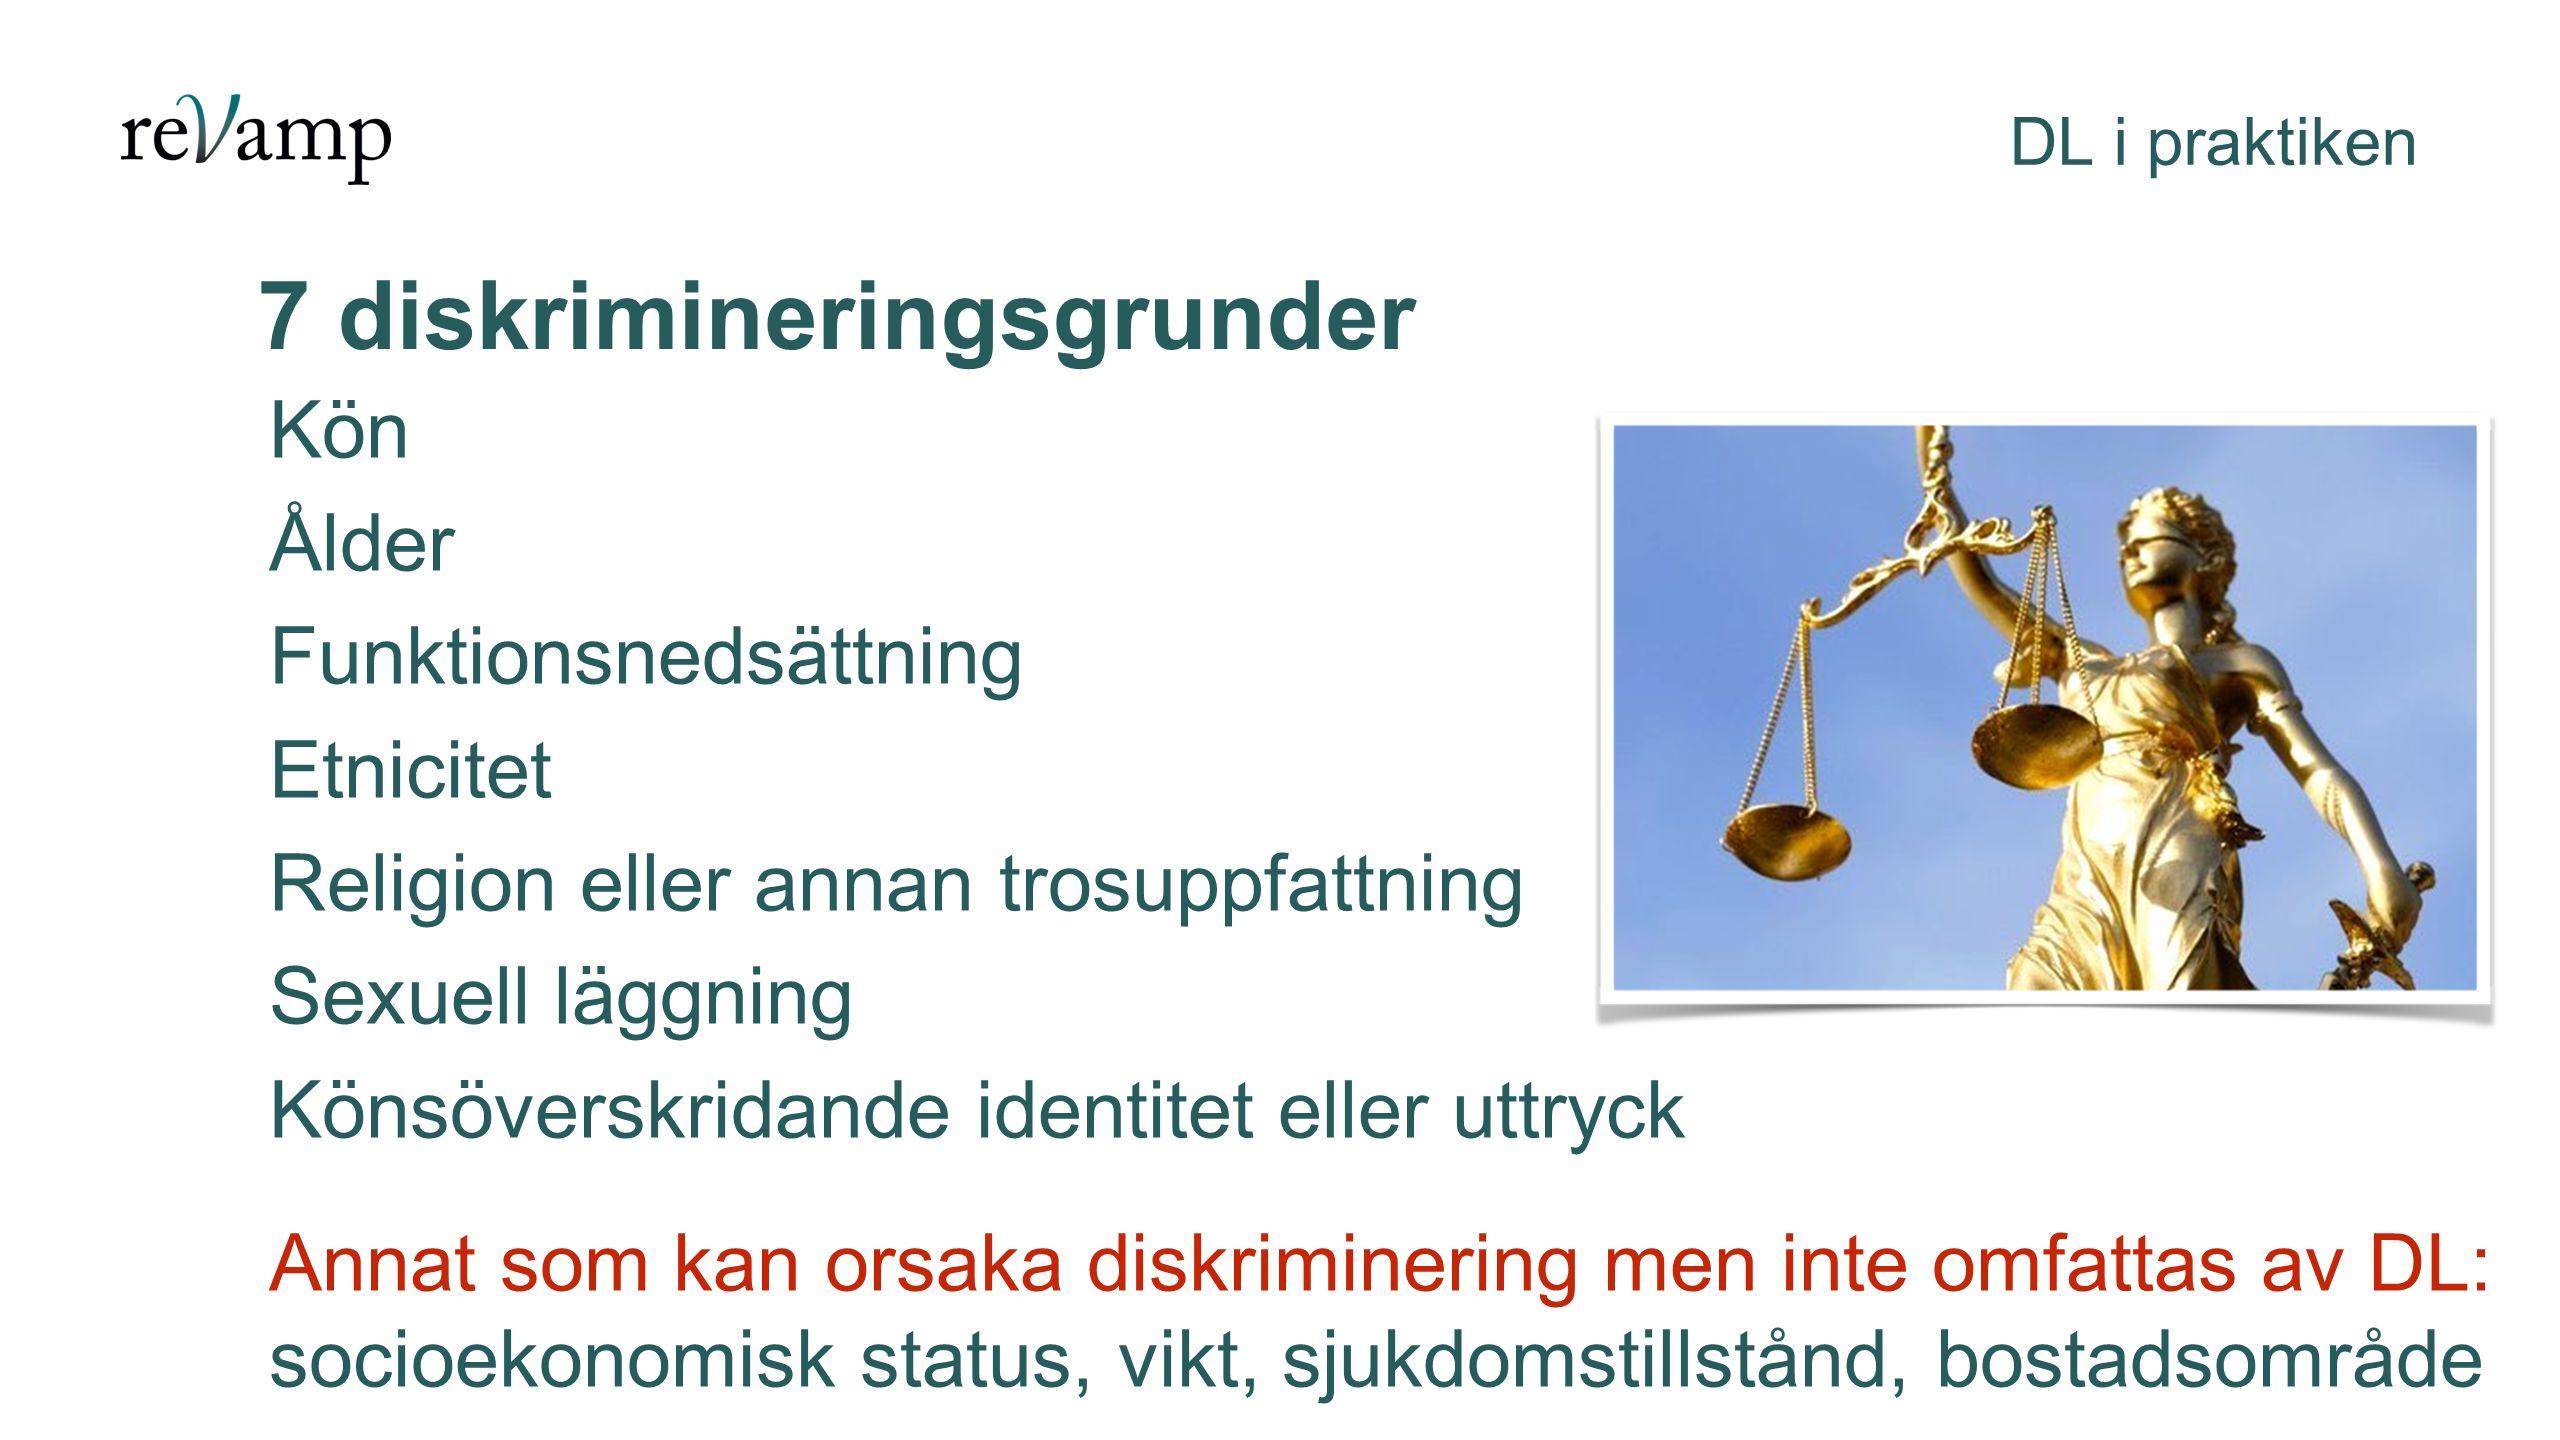 Kön som diskrimineringsgrund DL i praktiken Med kön innefattas kvinna, man och personer som avser ändra eller har ändrat könstillhörighet Män och kvinnor lever under väldigt olika villkor.